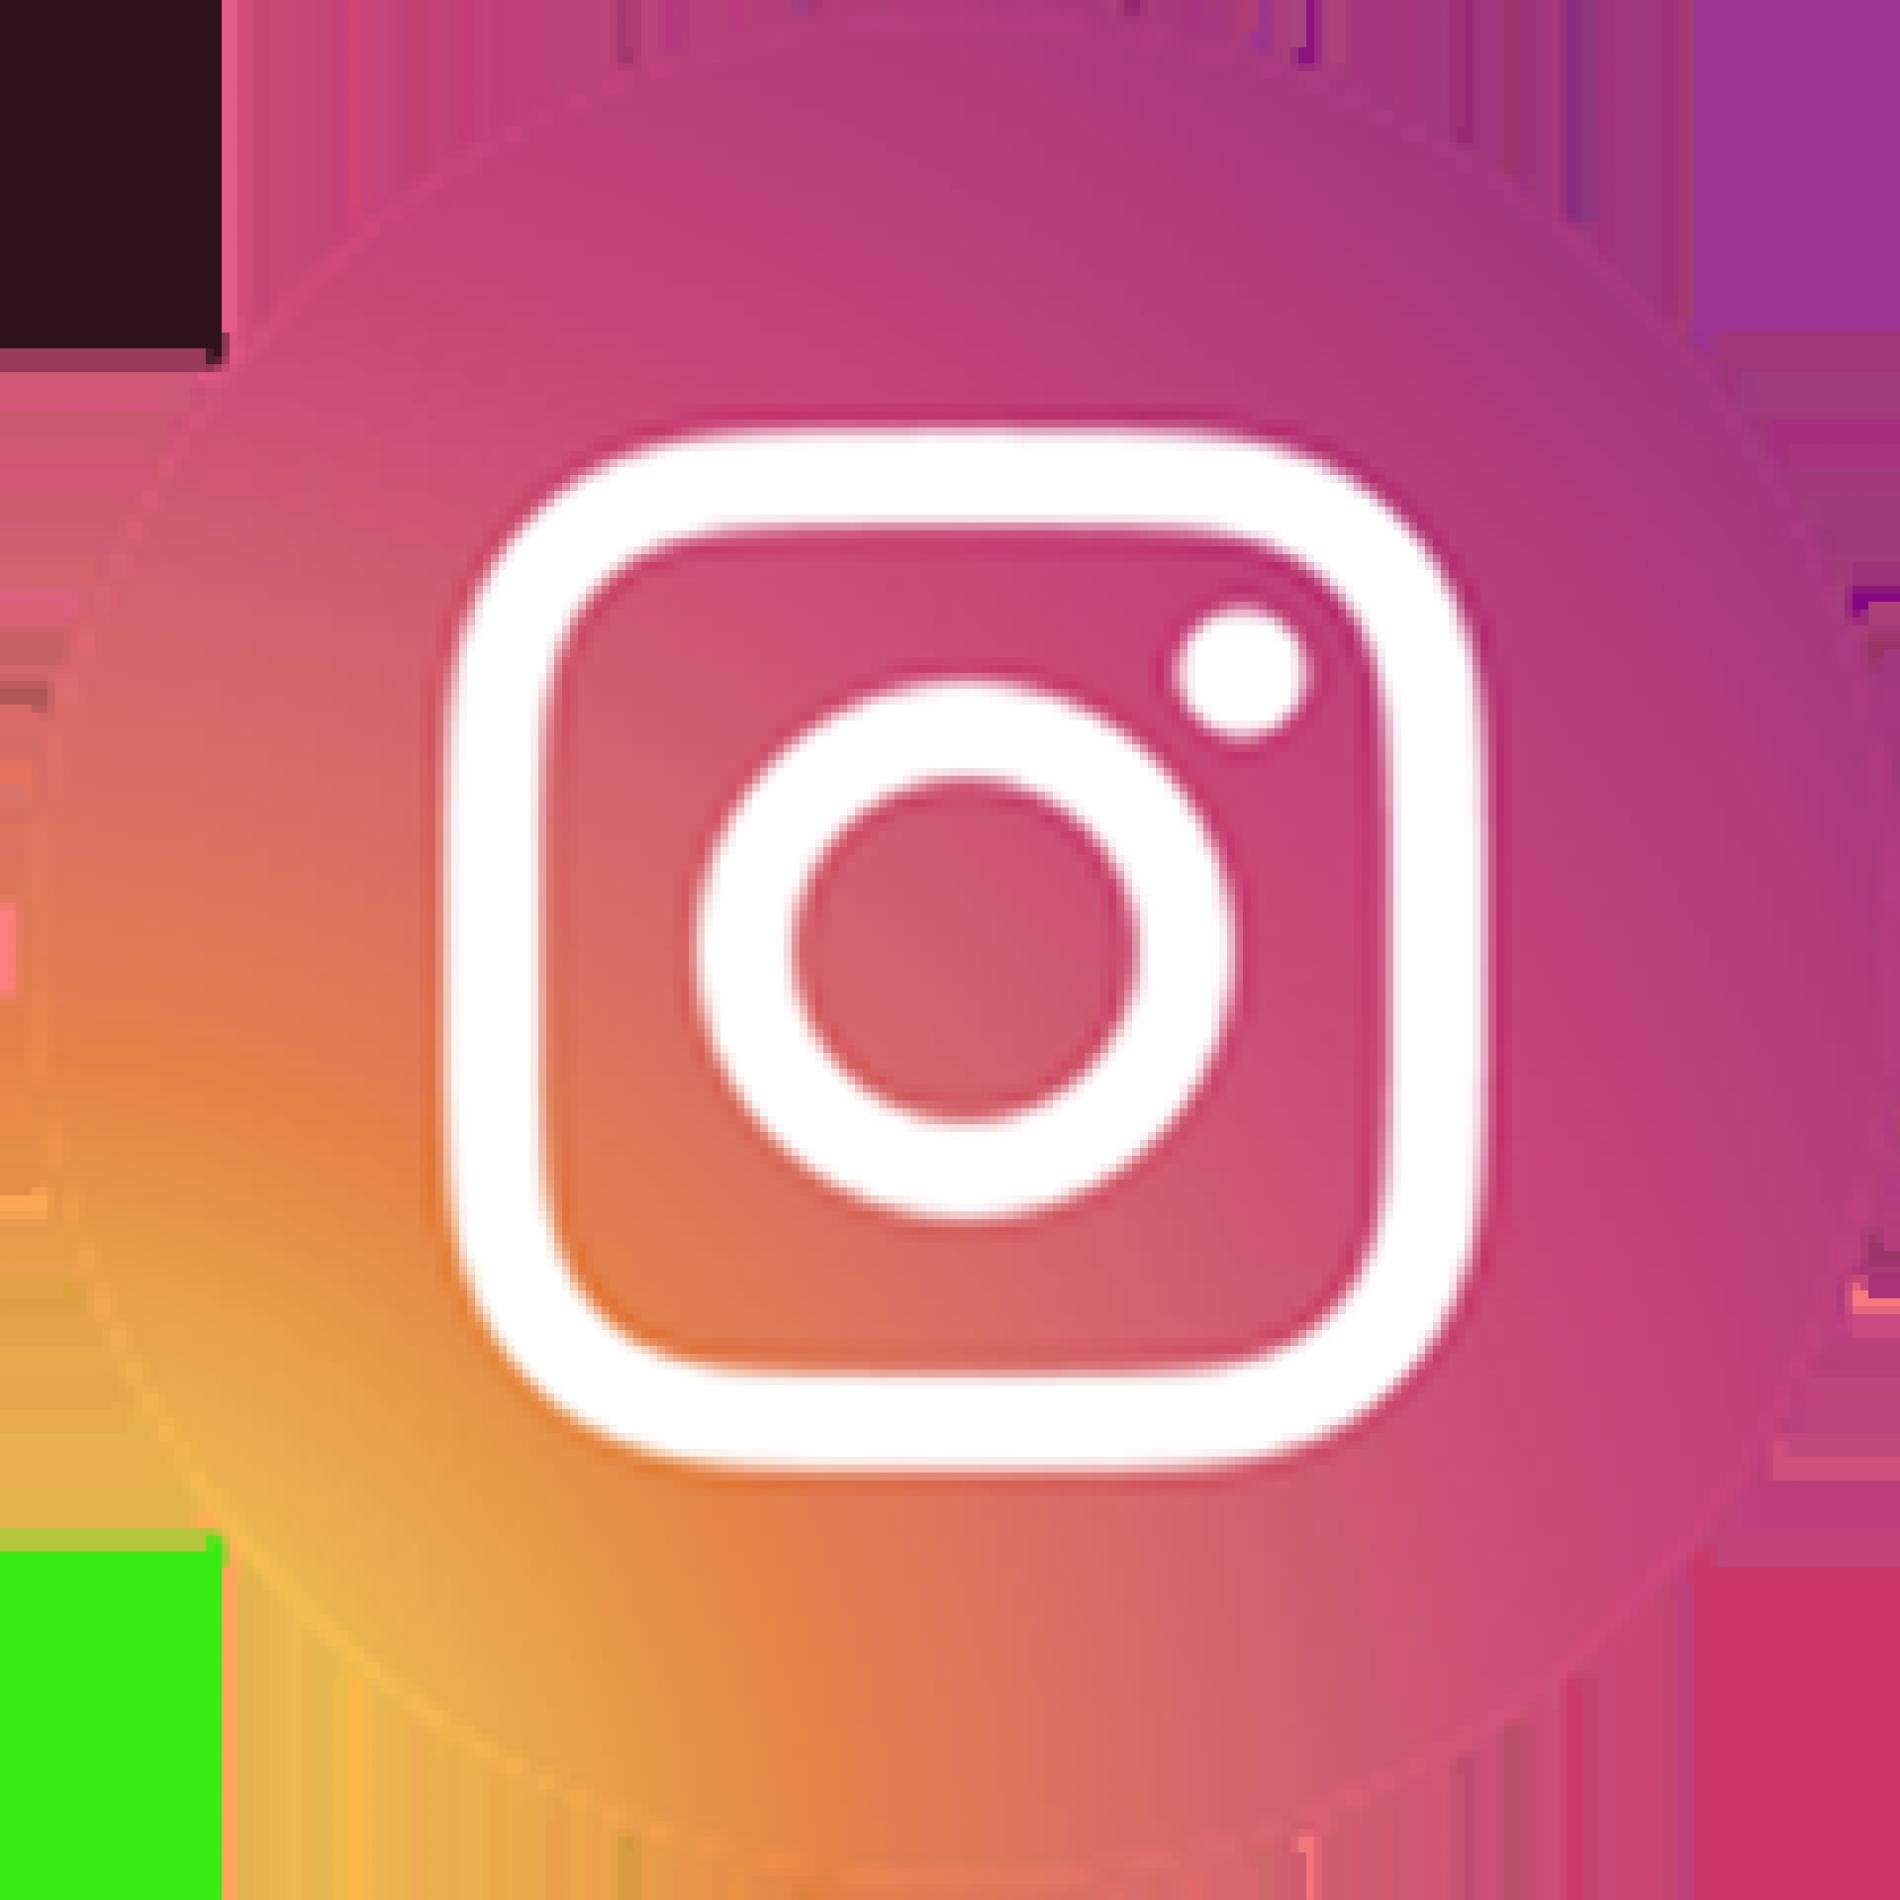 Logo Instagram Il Parasole Deauville, Trouville, Honfleur